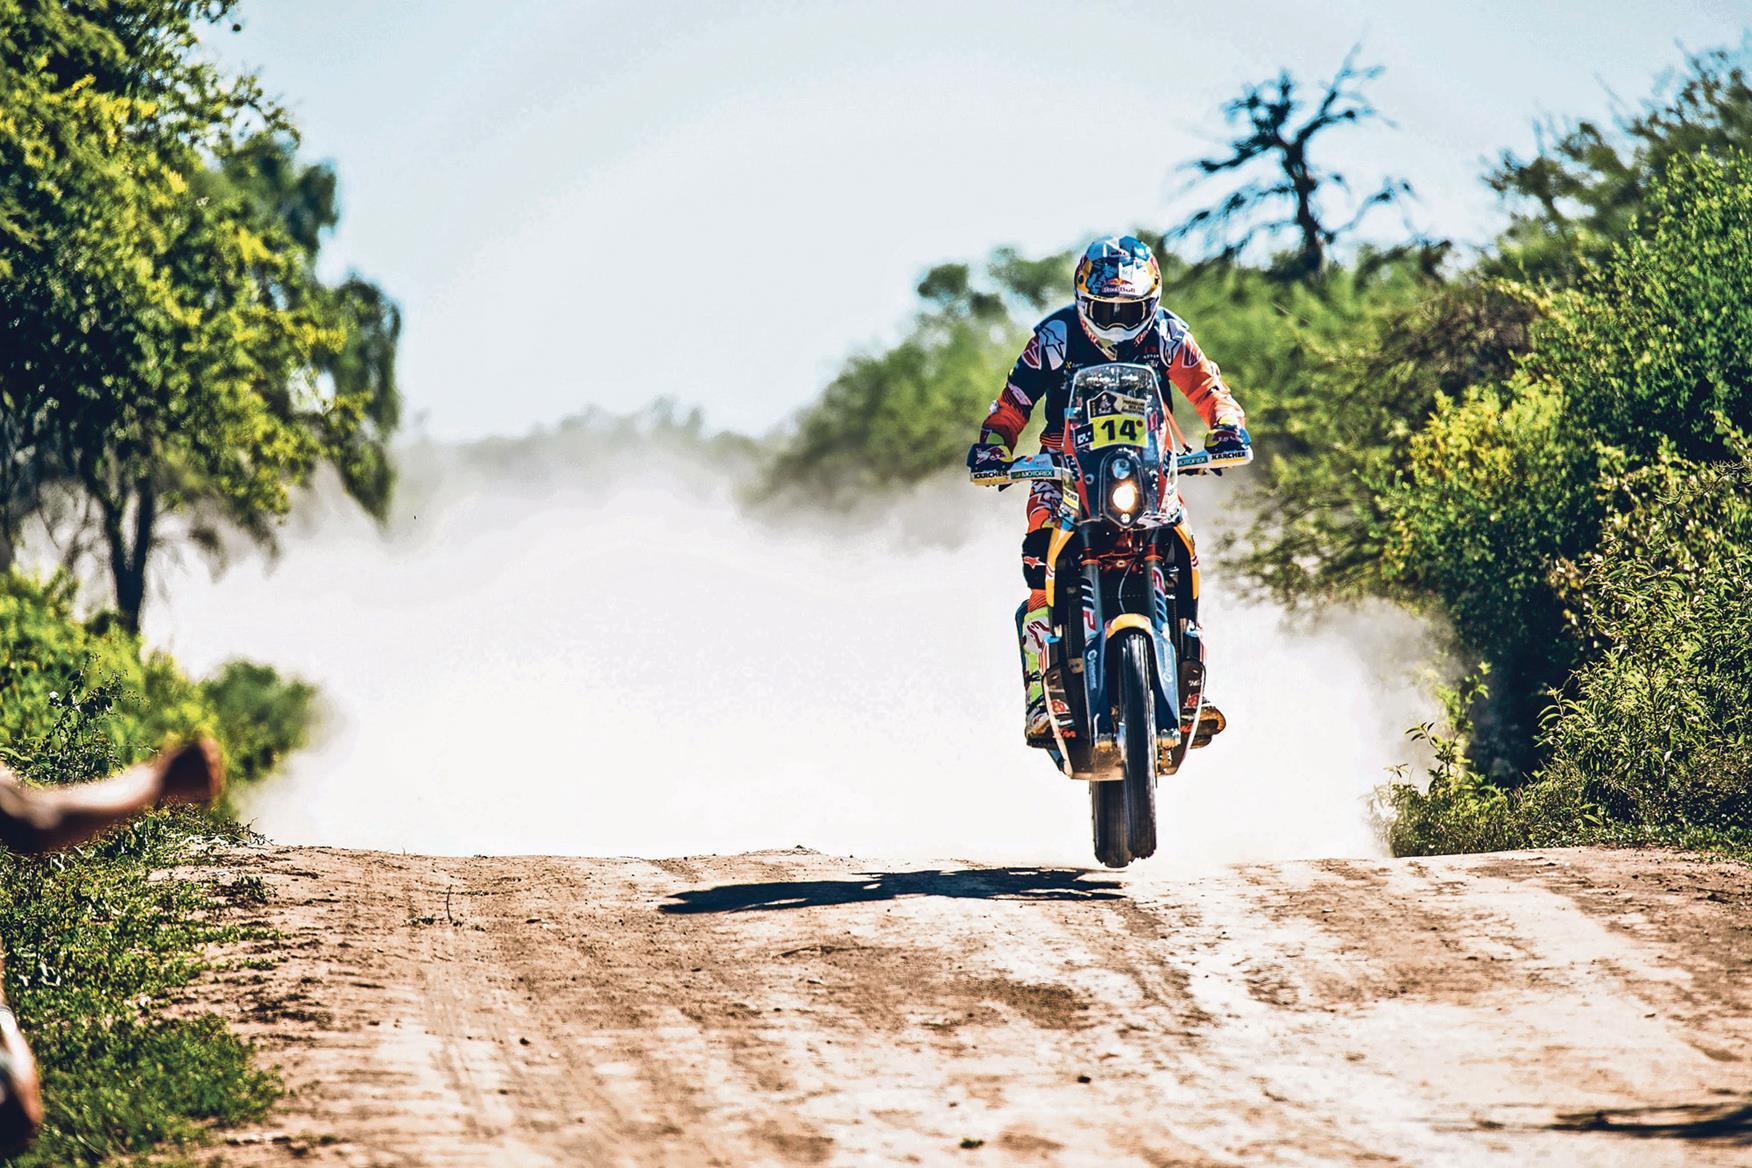 Sam Sunderland takes Paris Dakar win